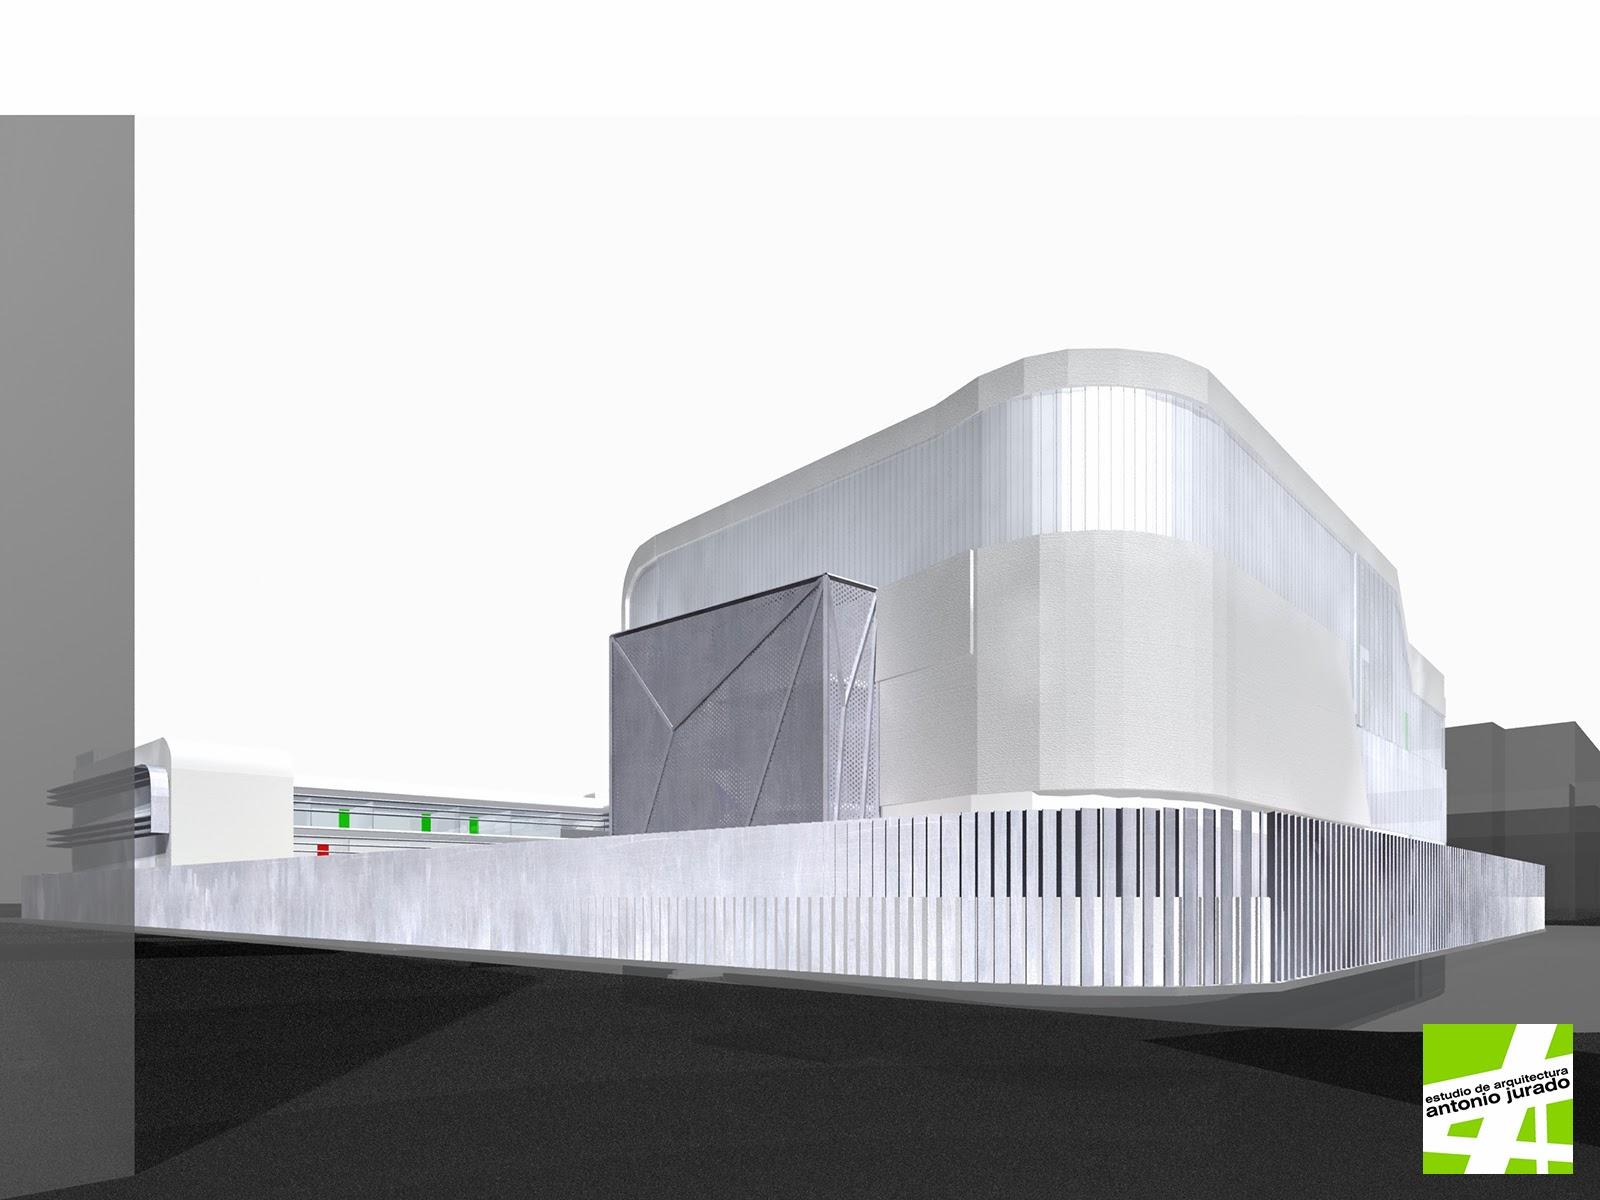 Centro educativo concertado fuenteblanca murcia for Estudio arquitectura murcia